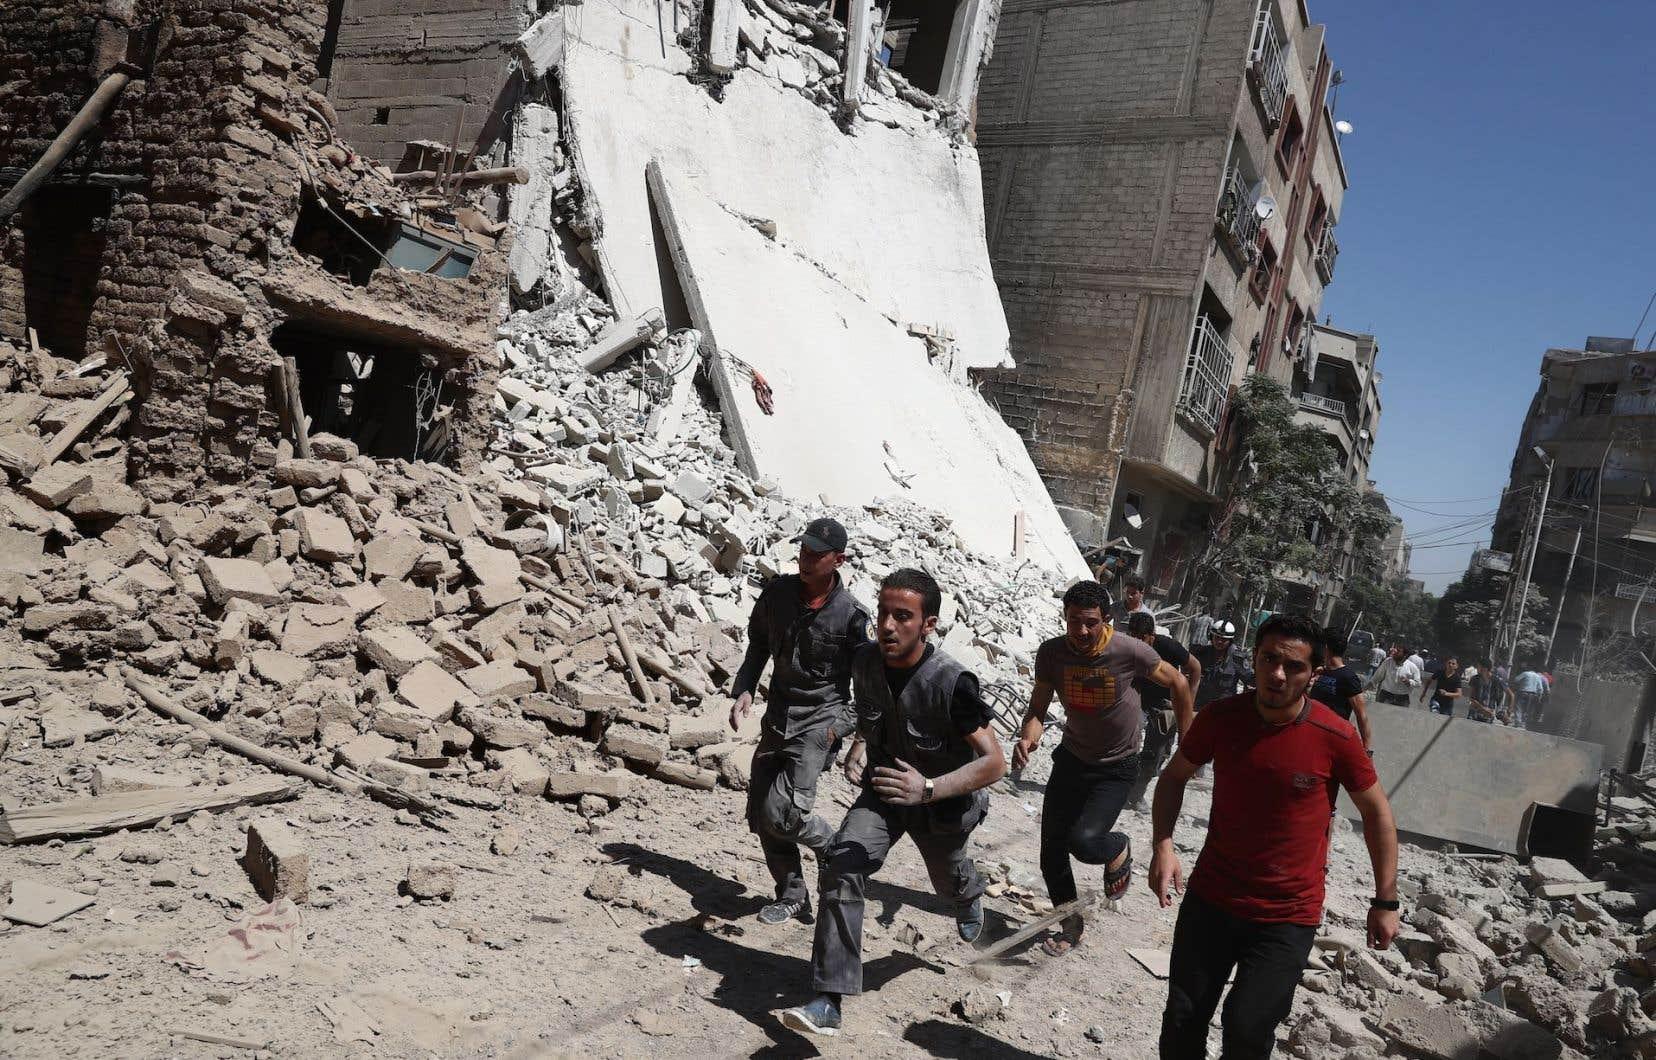 Le plus récent conflit syrien a déjà fait plus de 400 000 morts.